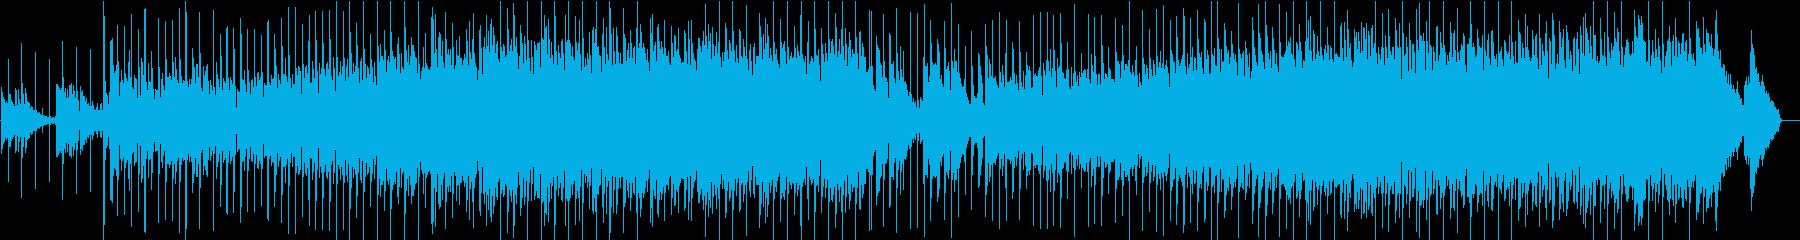 ポップ ロック ブルース カントリ...の再生済みの波形